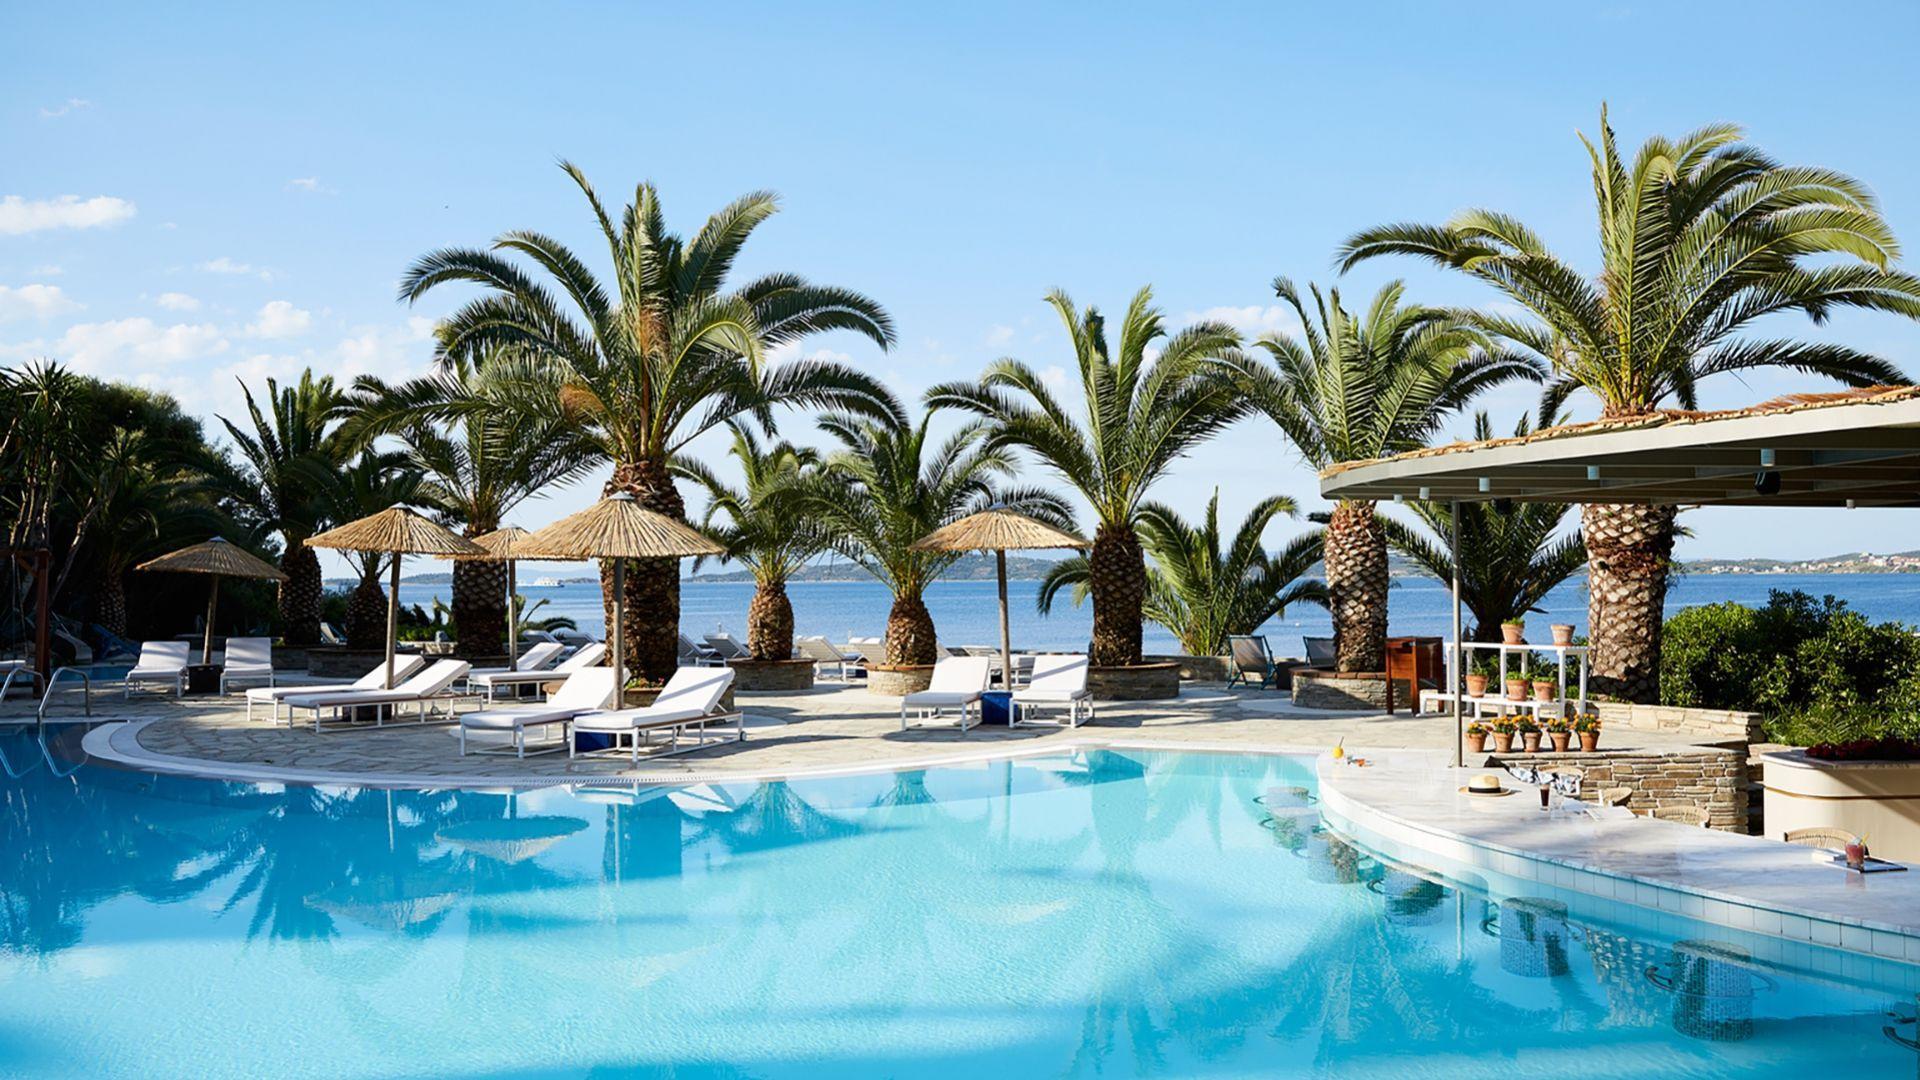 Eagles Palace viešbučio įspūdingi baseinai